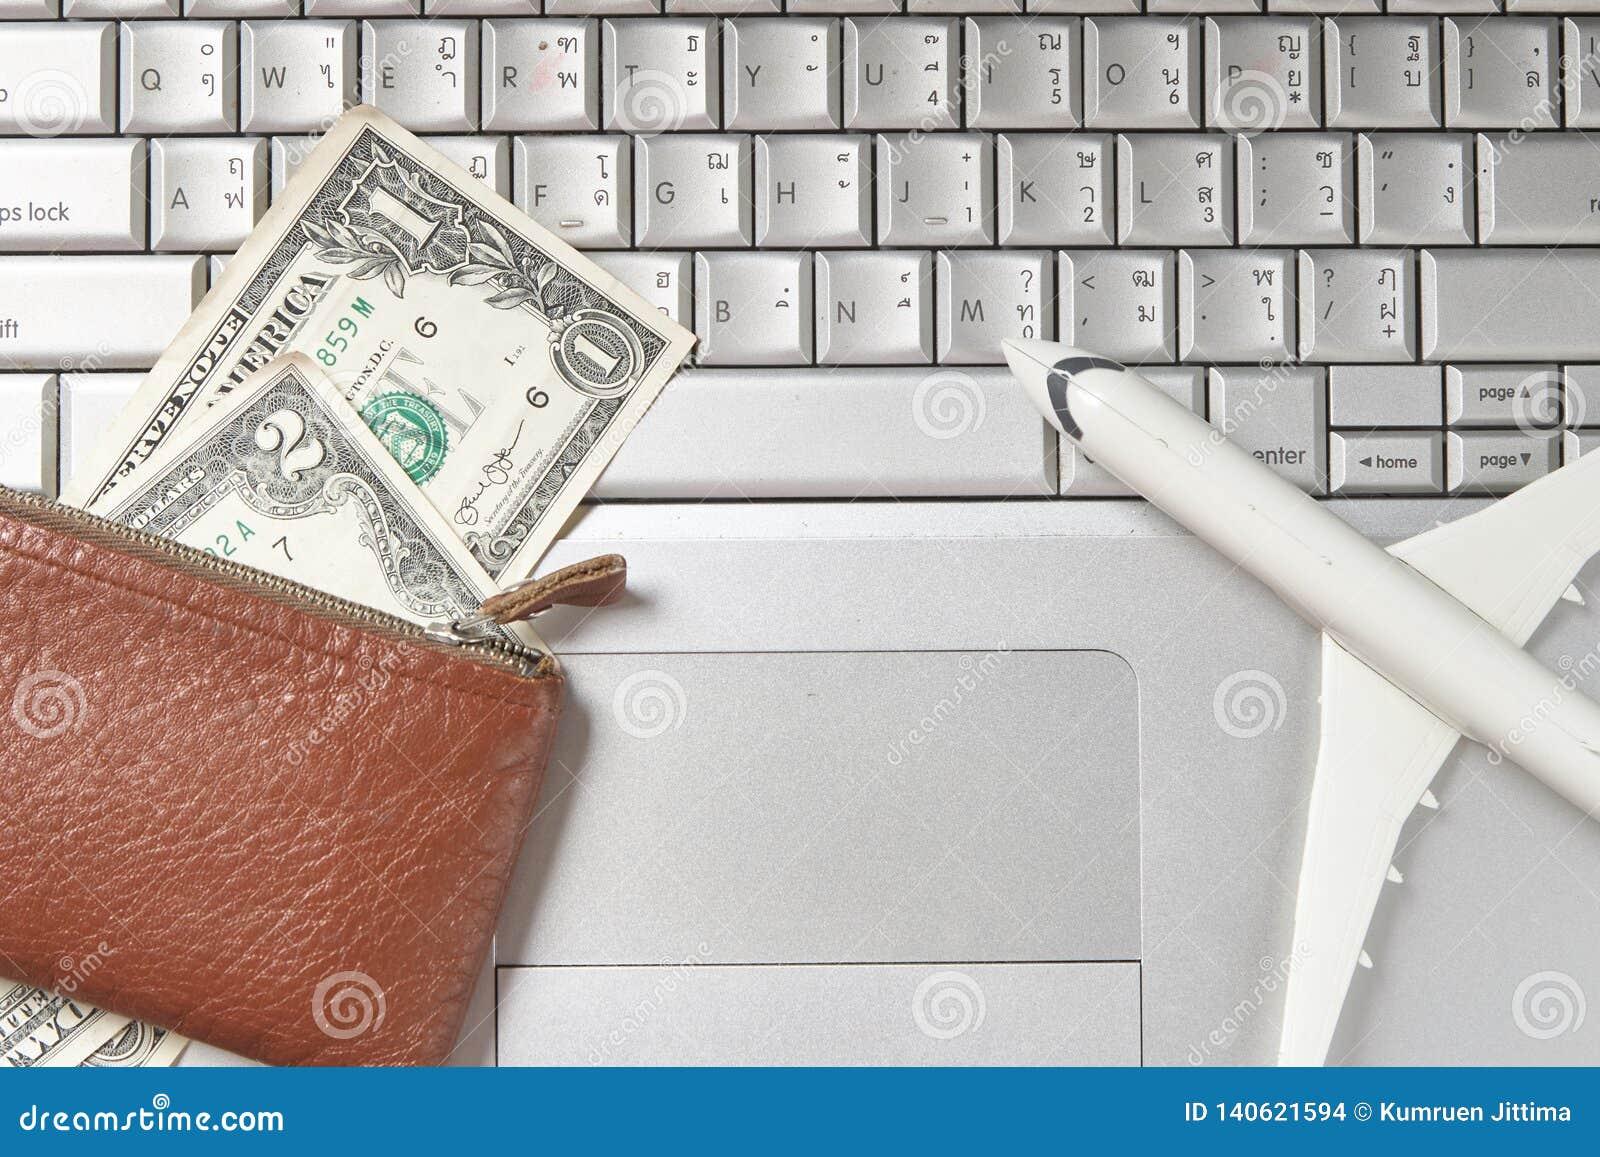 πληκτρολόγιο υπολογιστών λογαριασμών χρημάτων τσαντών